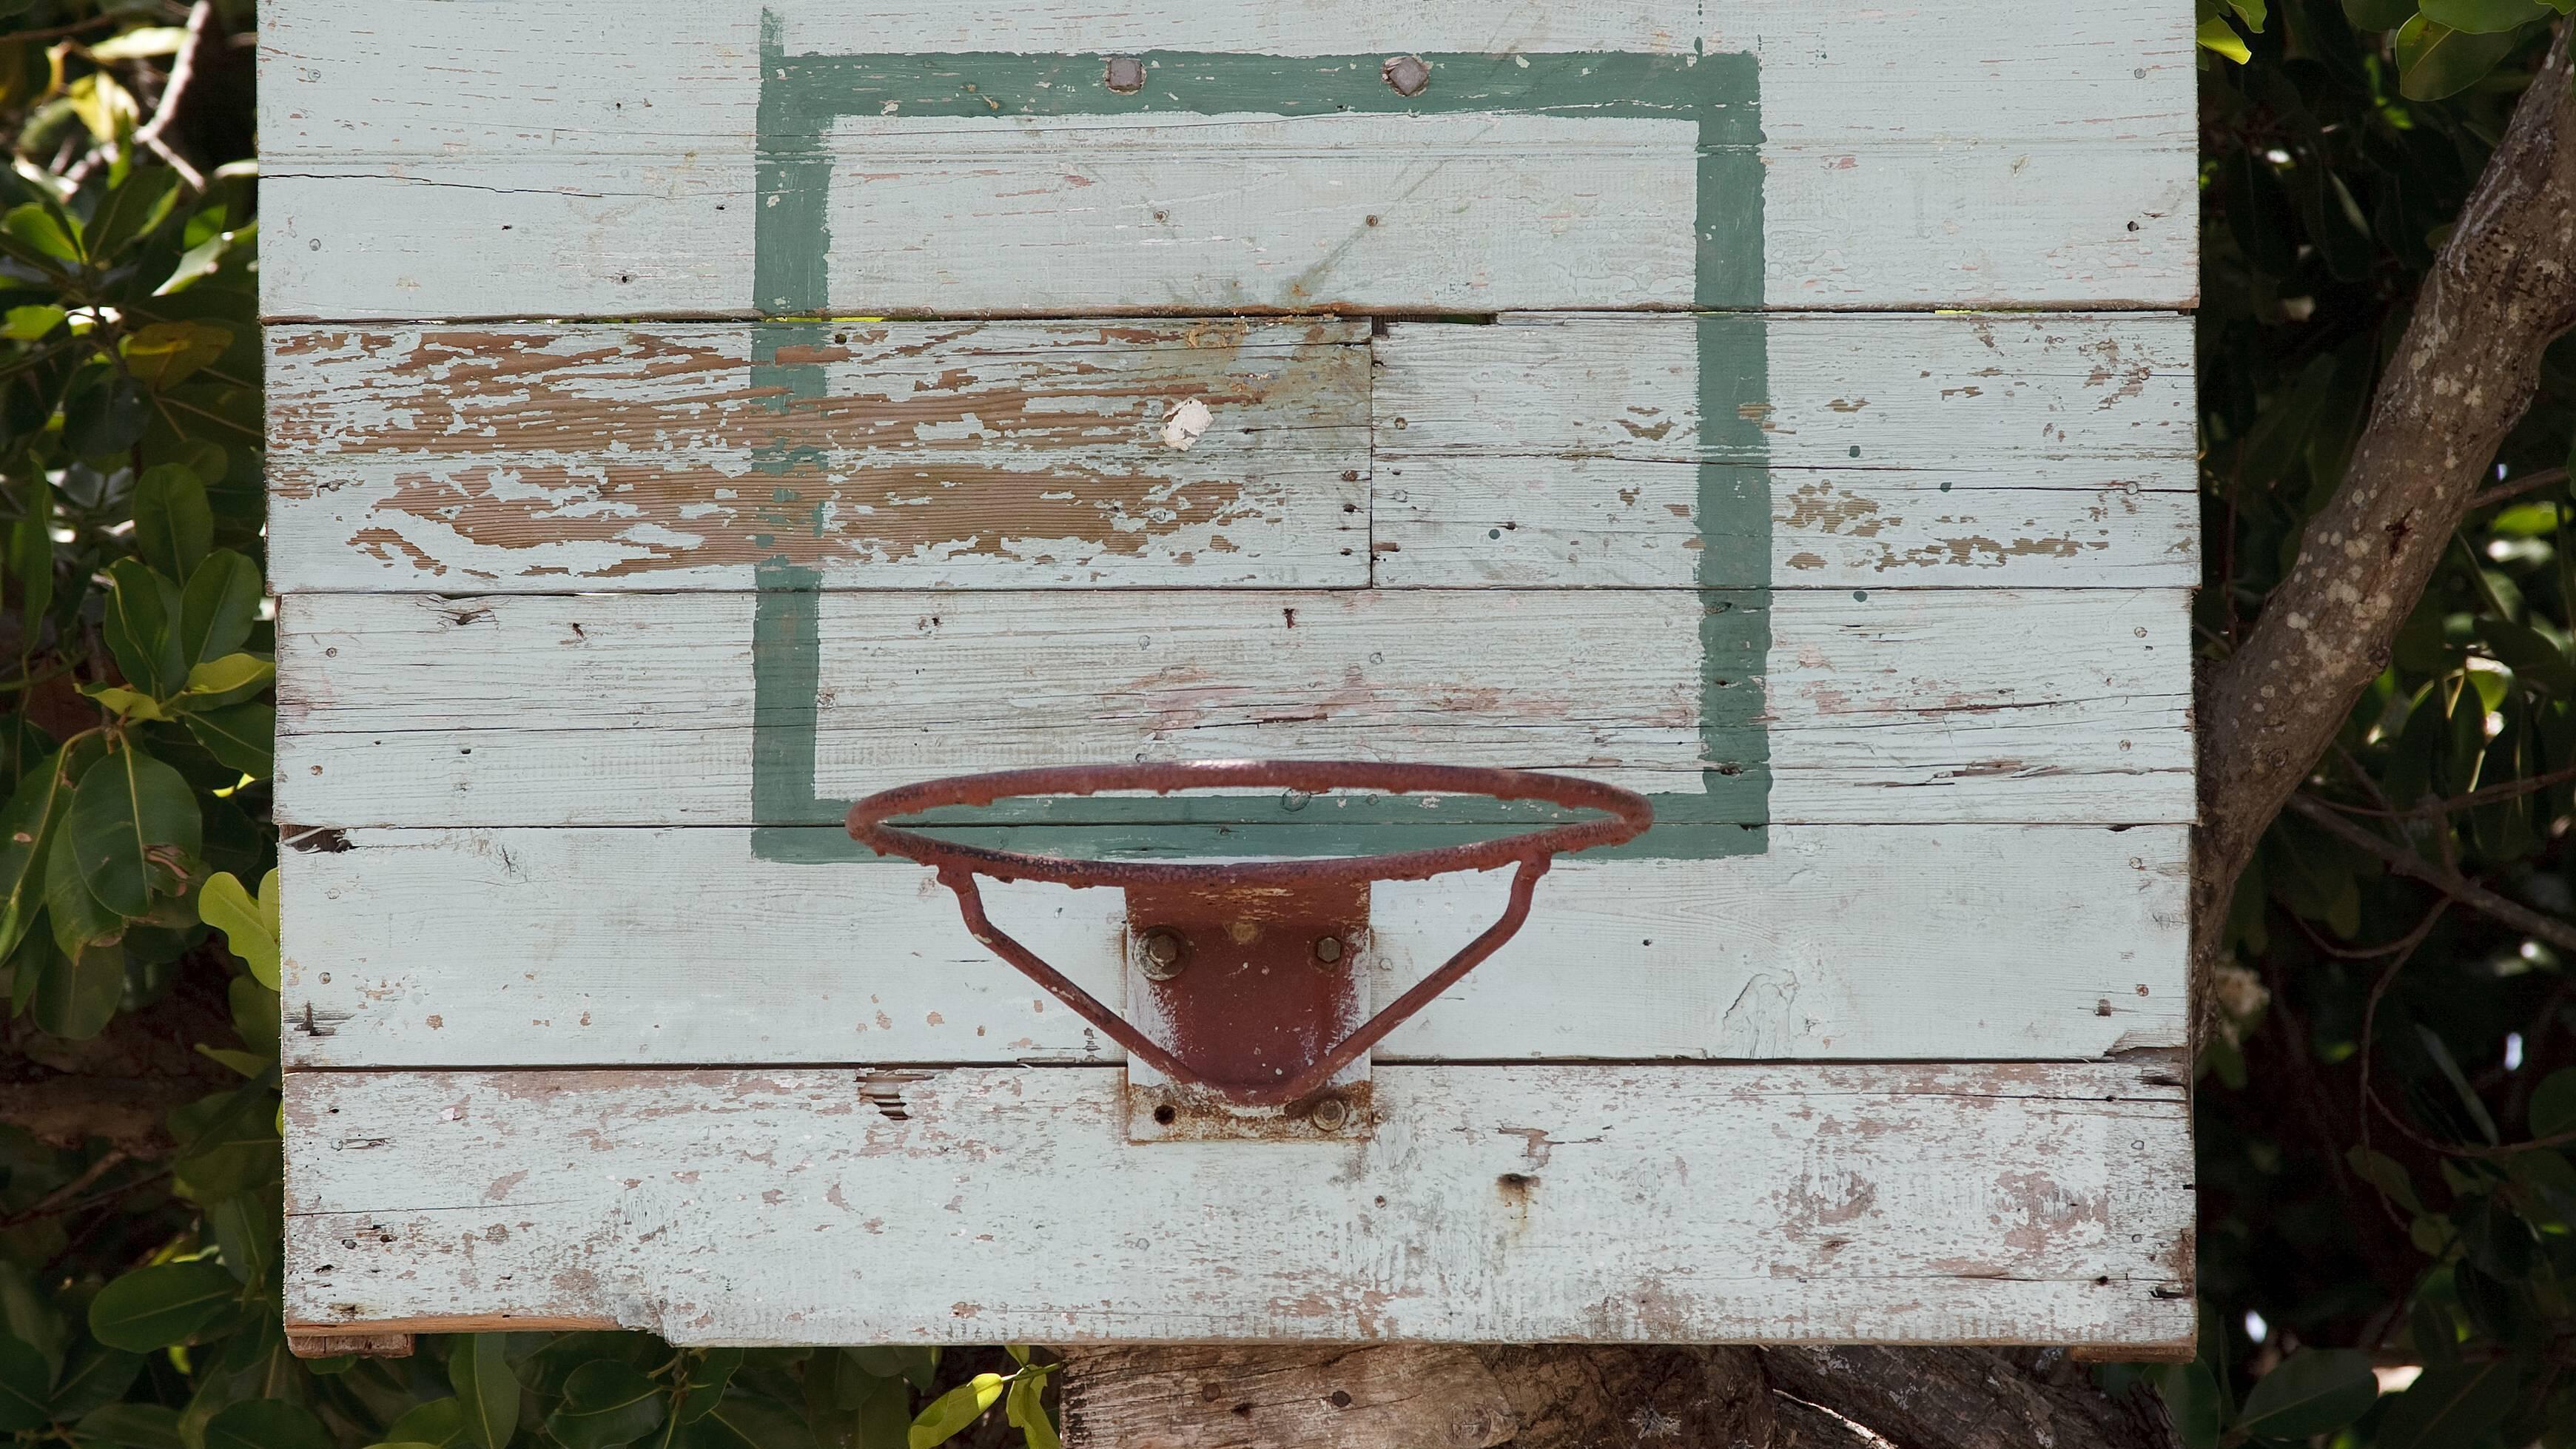 Wie hoch ein Basketballkorb hängt, hängt ebenso vom Alter der Spieler:innen ab.